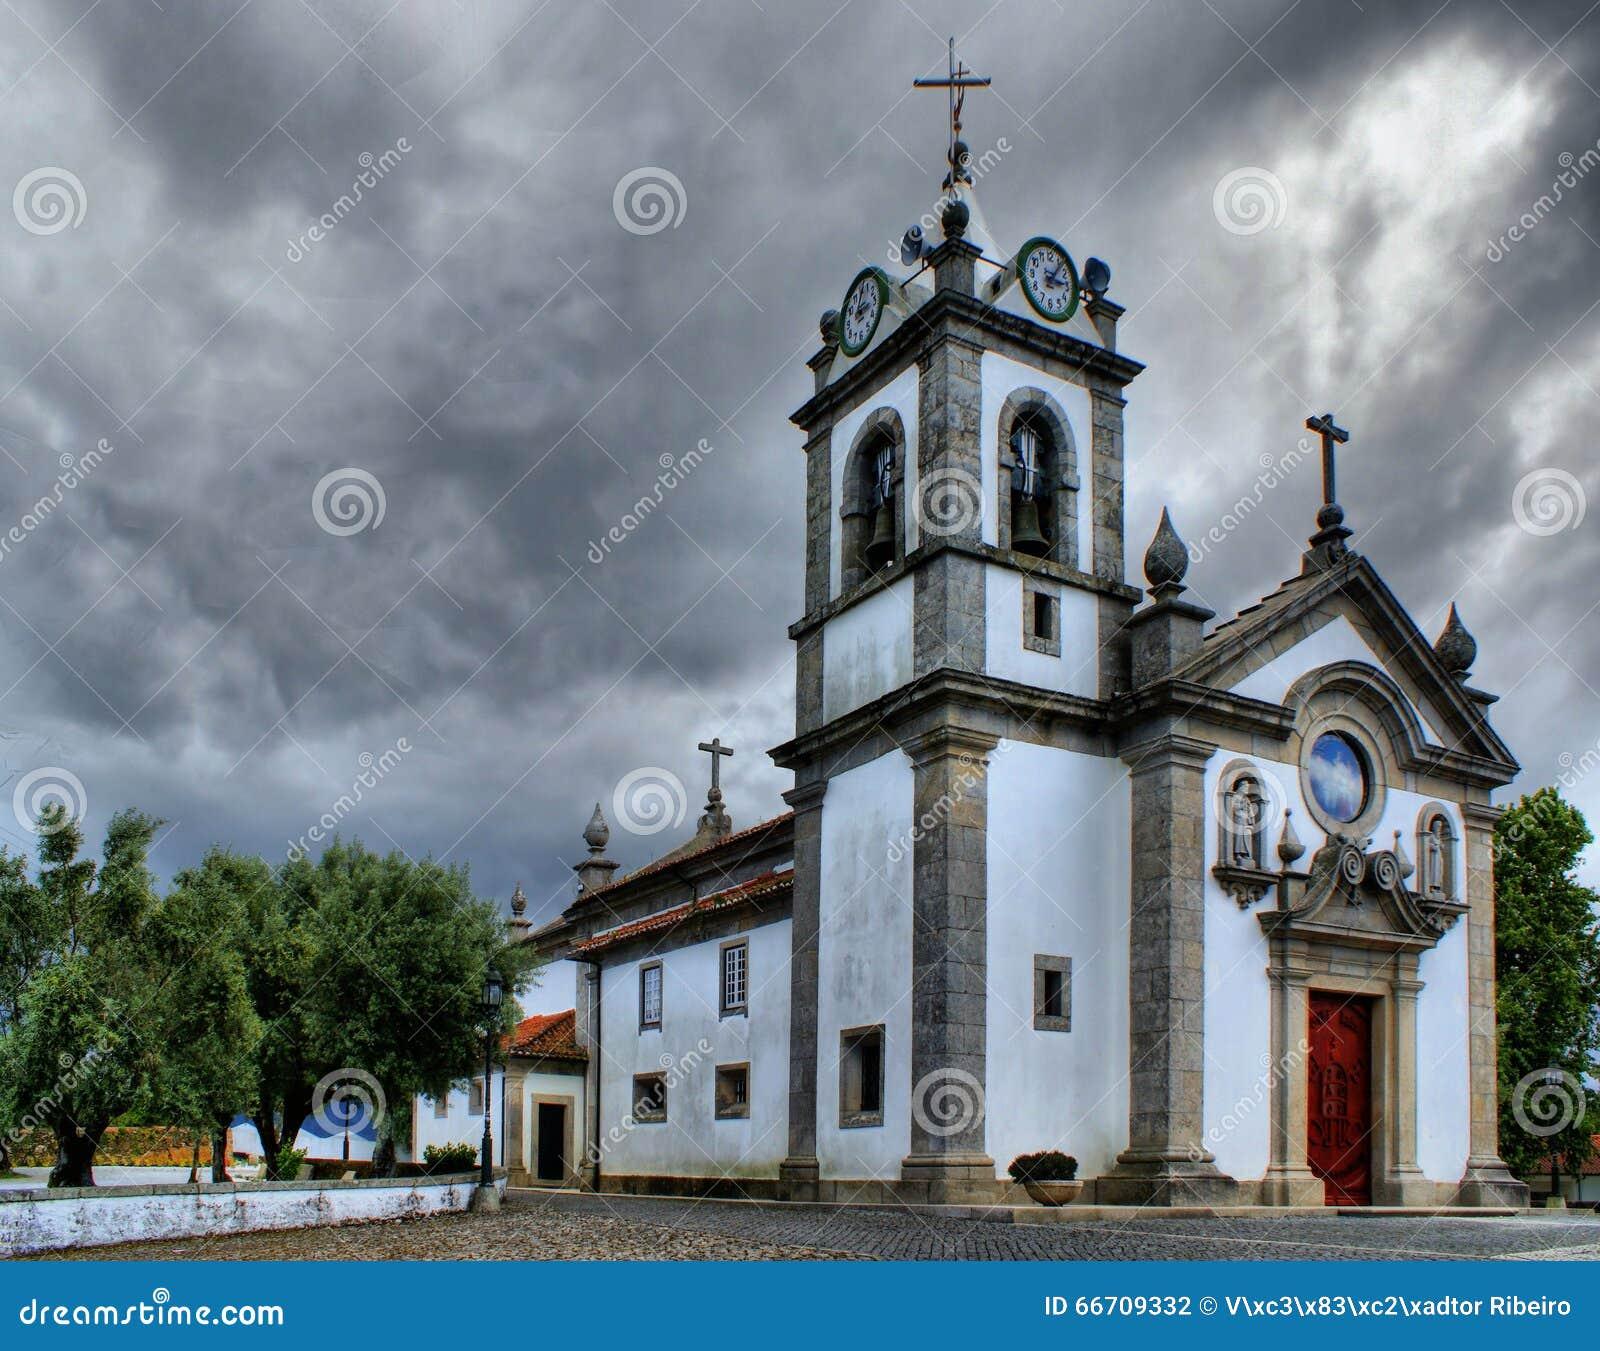 Serreleis church in Viana do Castelo